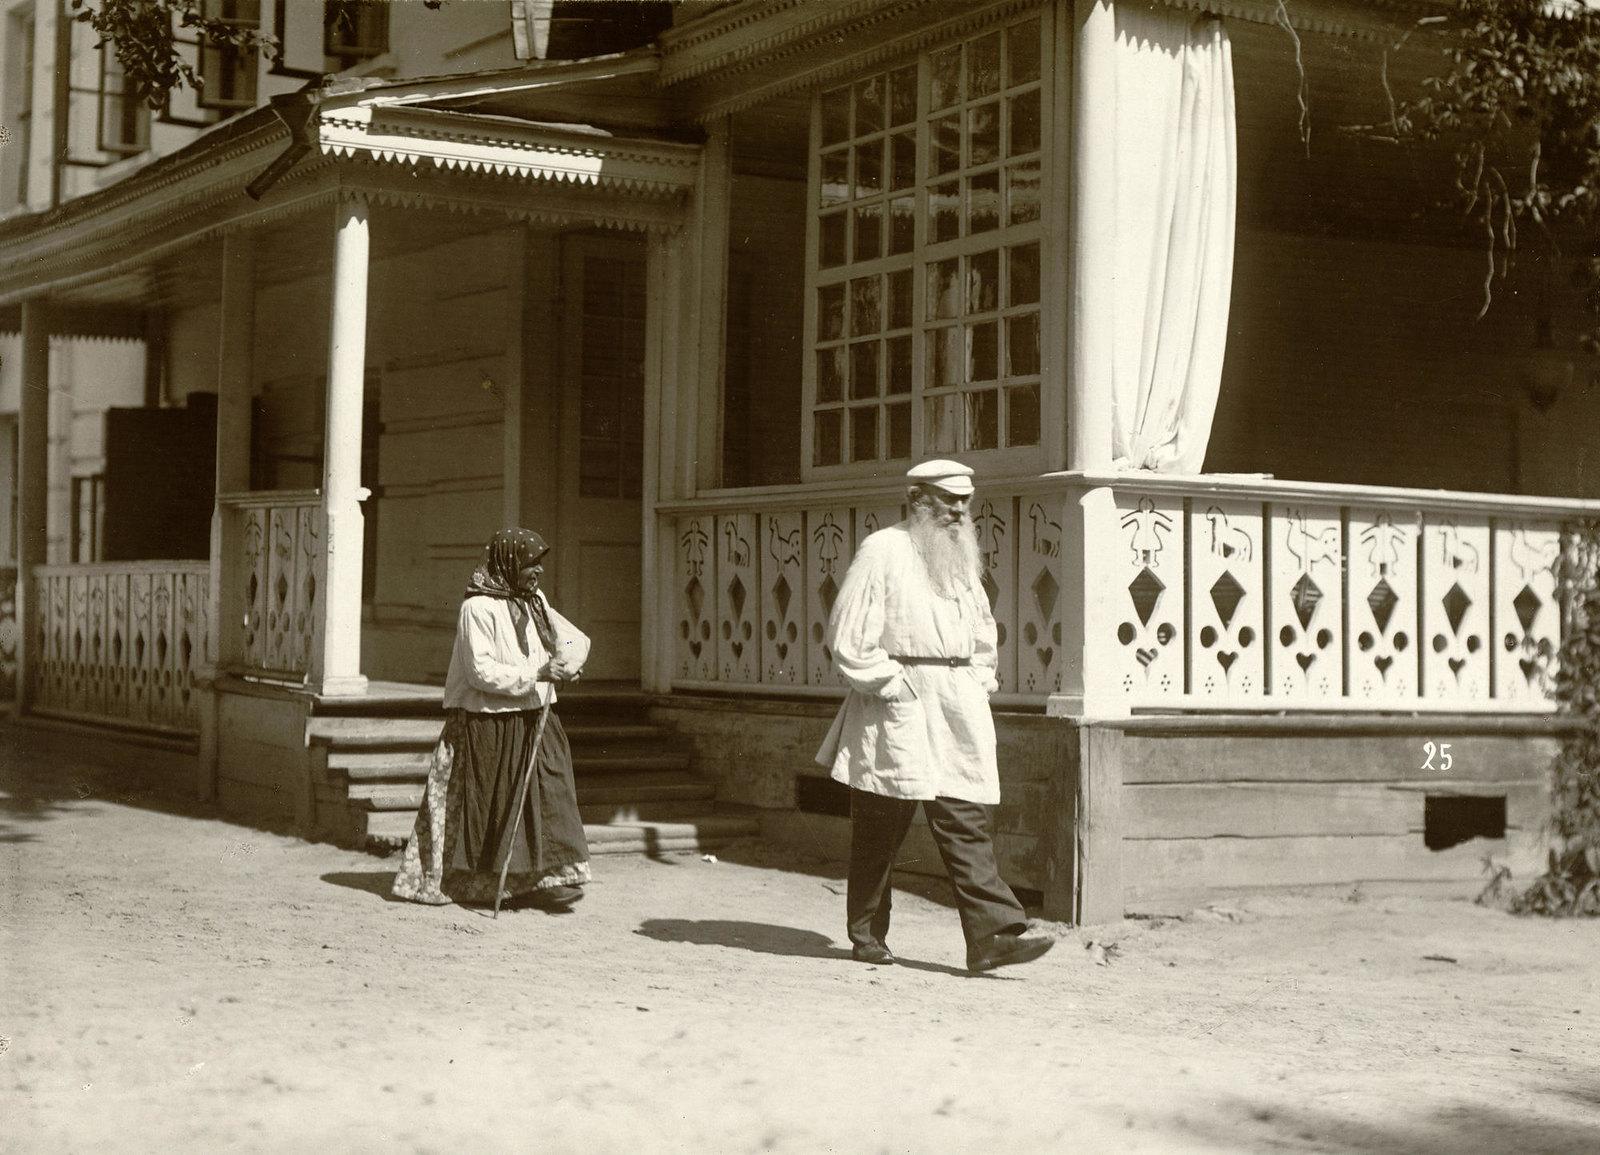 1908. Л.Н. Толстой и крестьянка деревни Ясная Поляна